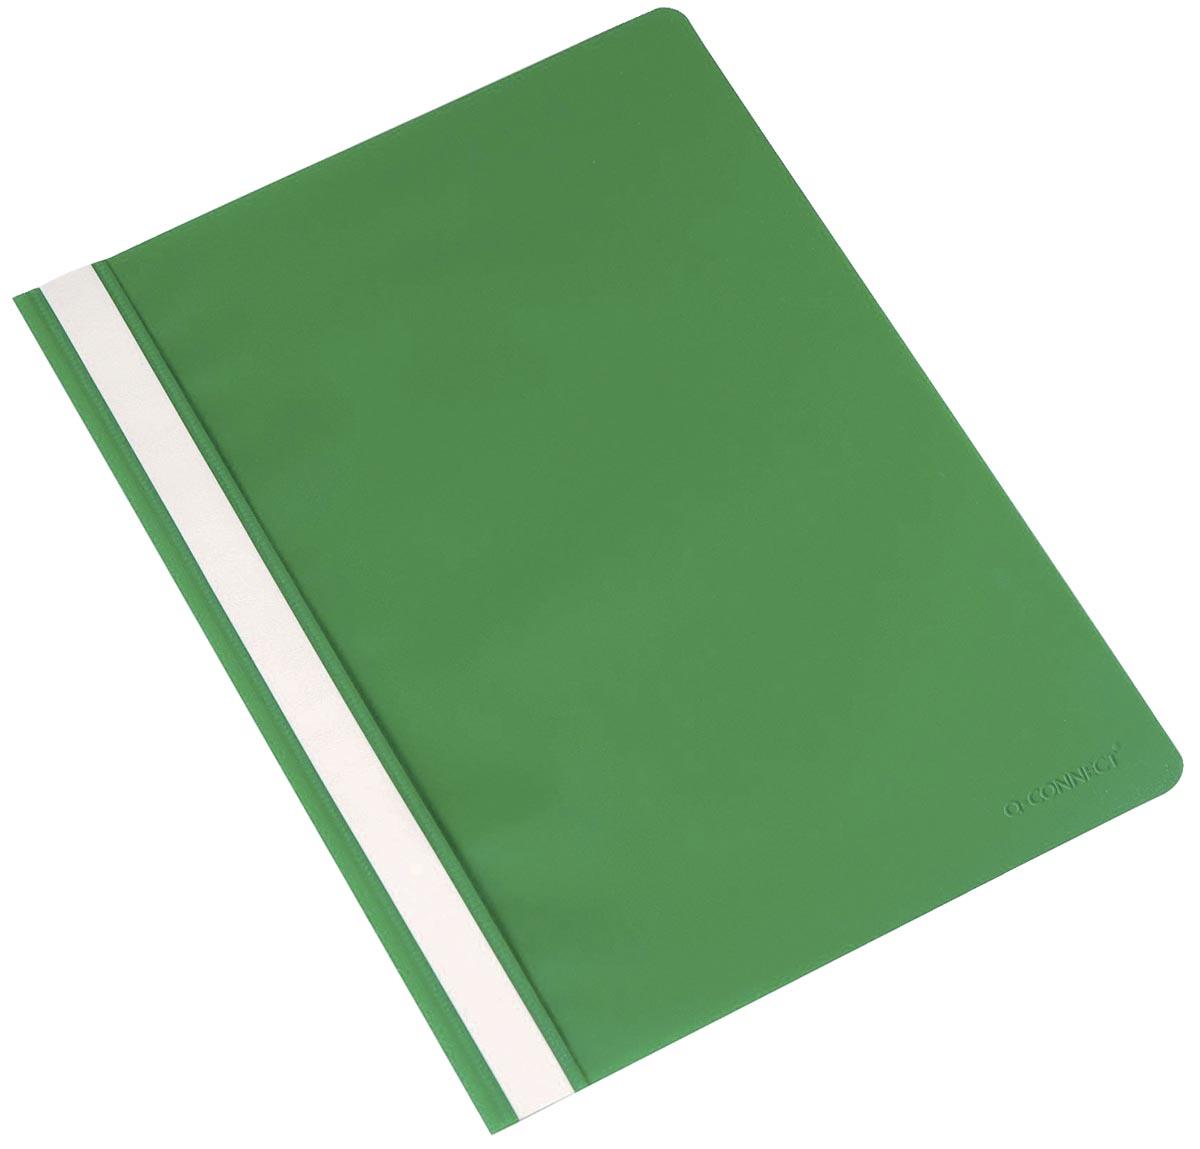 Q-Connect snelhechtmap, groen